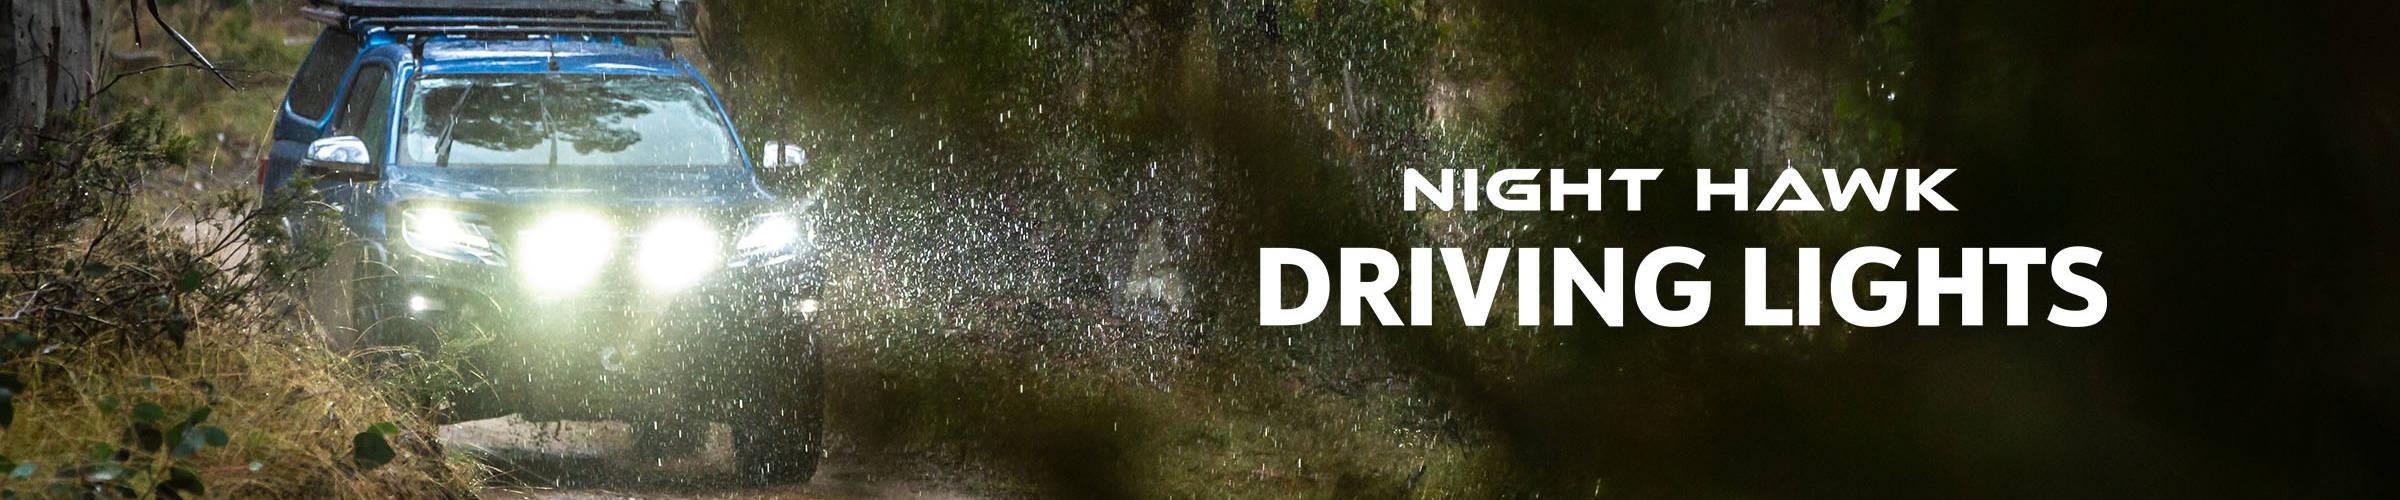 Driving-Light-Banner-3